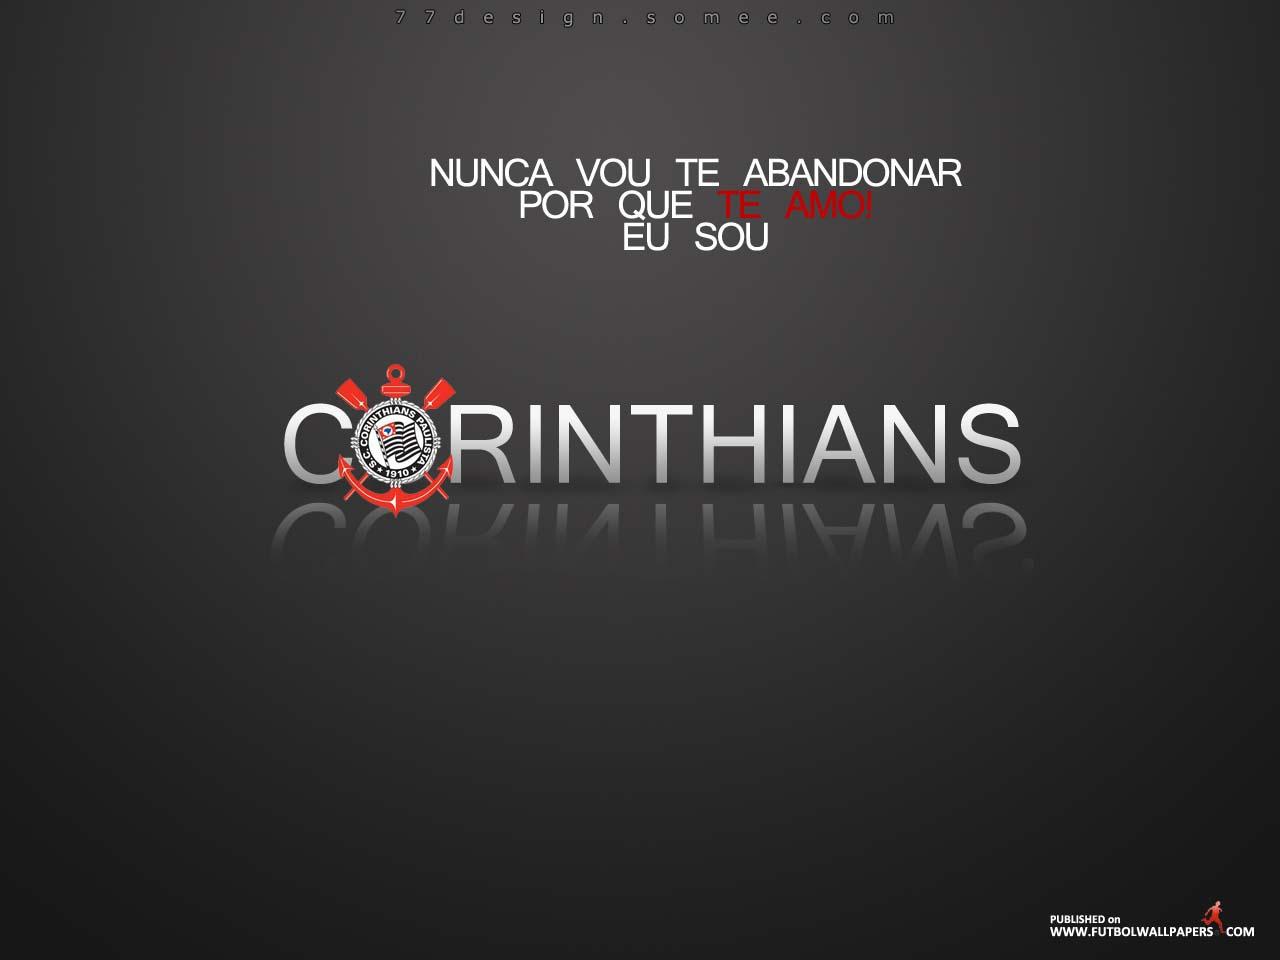 http://1.bp.blogspot.com/-yEVxjWoDEi0/UFGHjgat1uI/AAAAAAAABBo/pa-uH14WVes/s1600/corinthians+%285%29.jpg